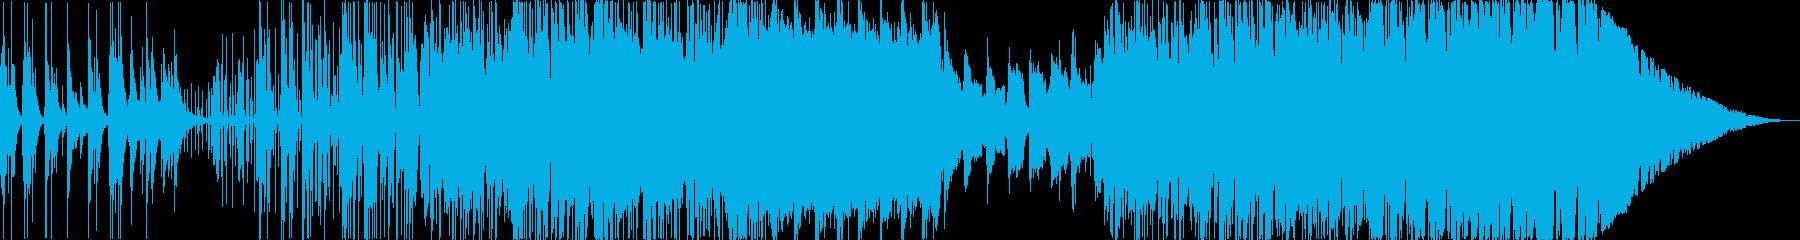 三味線メインの和風インスト曲ですの再生済みの波形